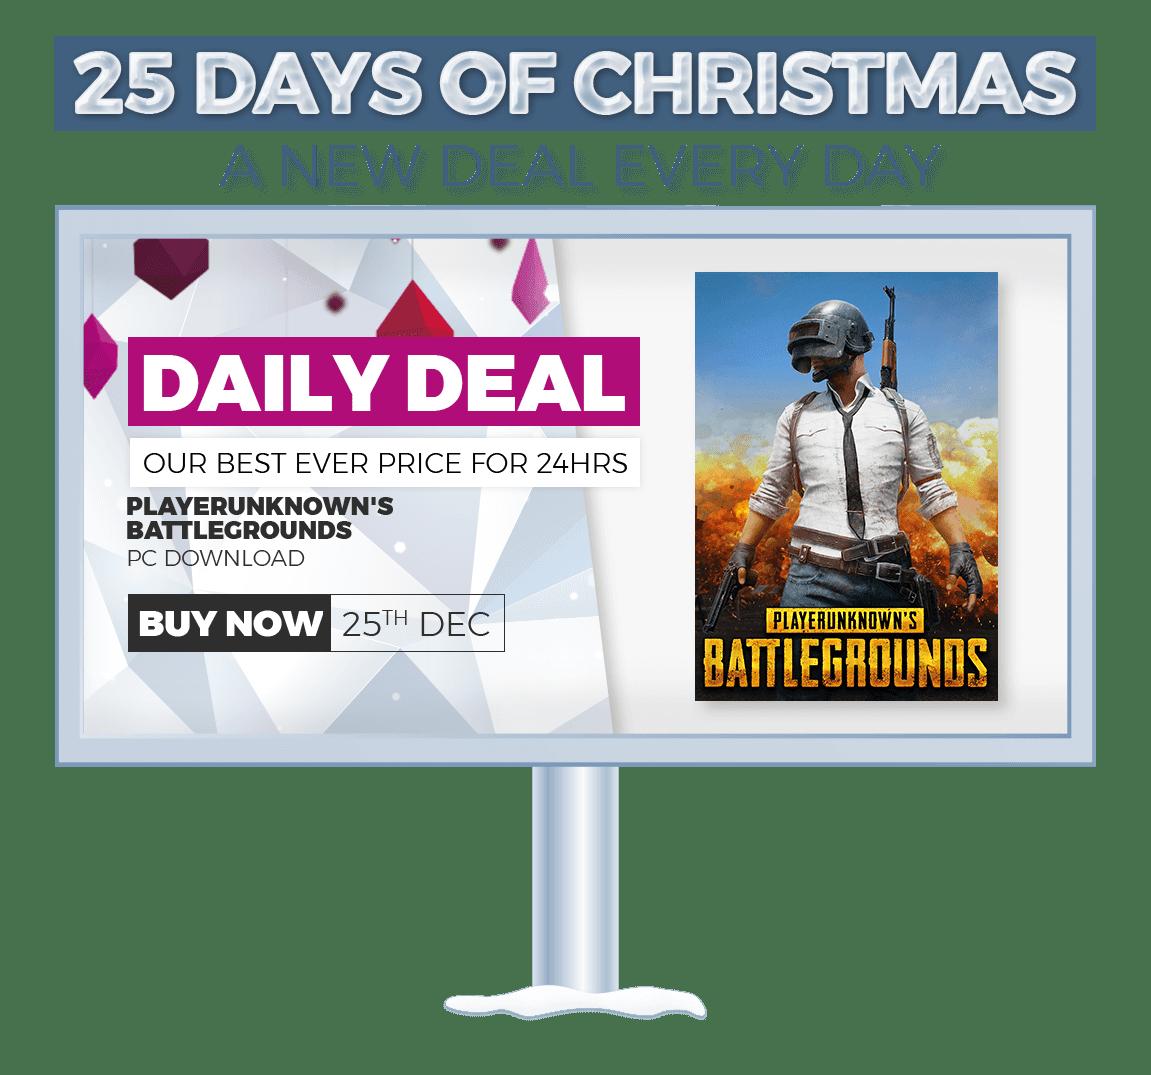 GAME - 25 Days of Christmas